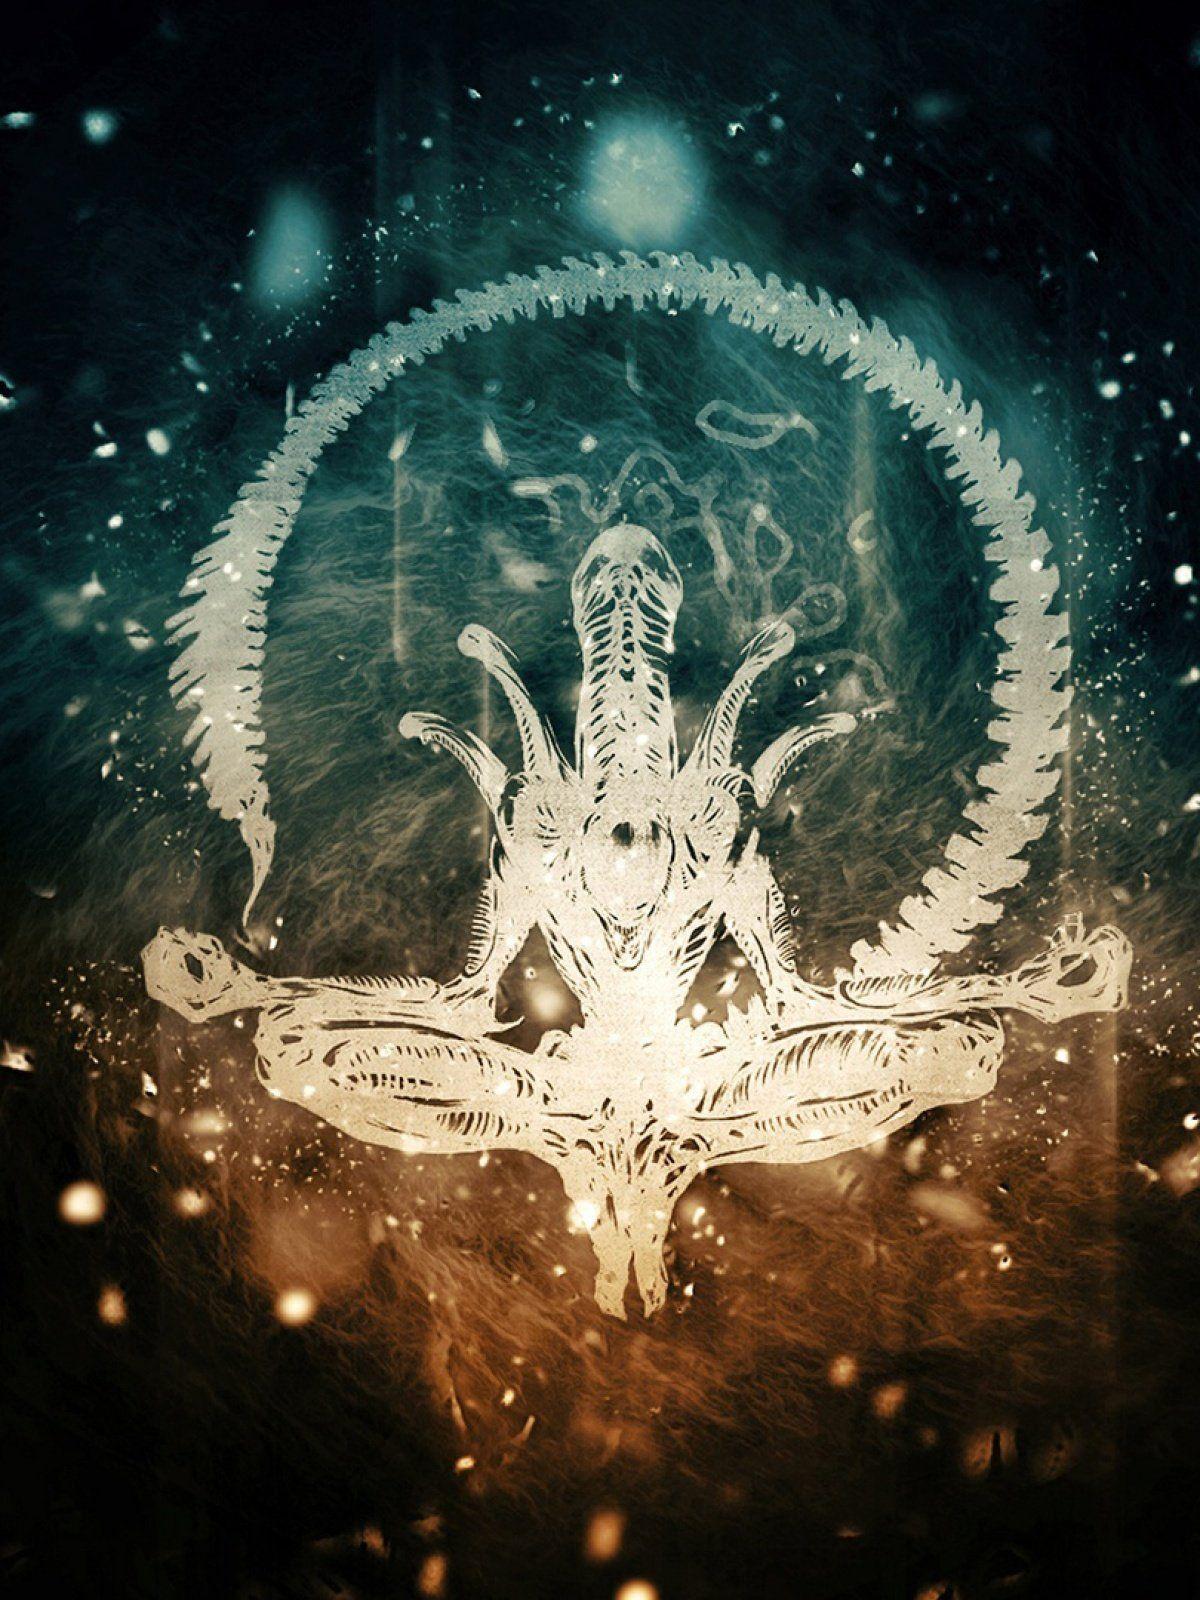 Alien Zen Skeleton Light Mobile Wallpaper Alien Zen Skeleton Light